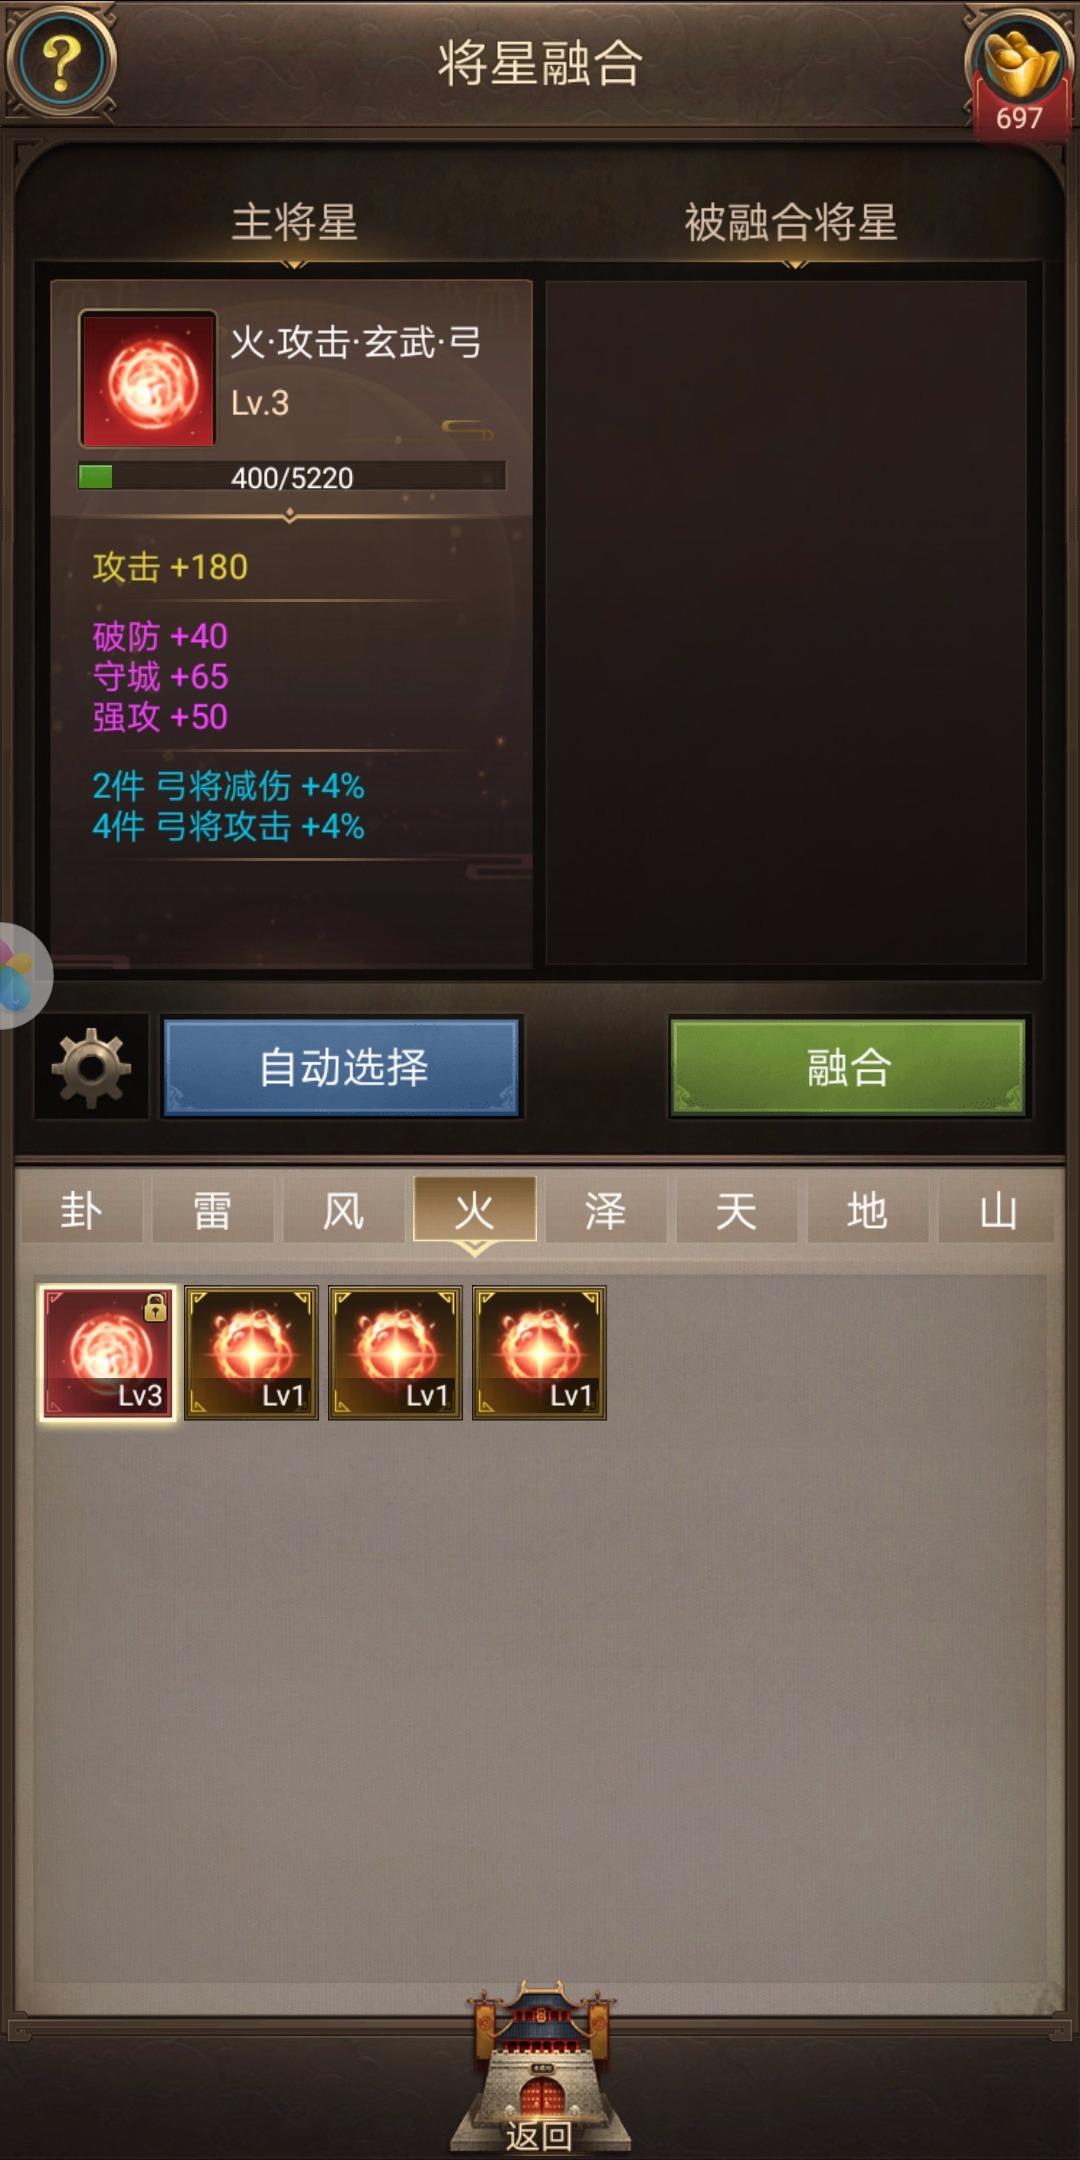 Screenshot_20181203-190847.jpg